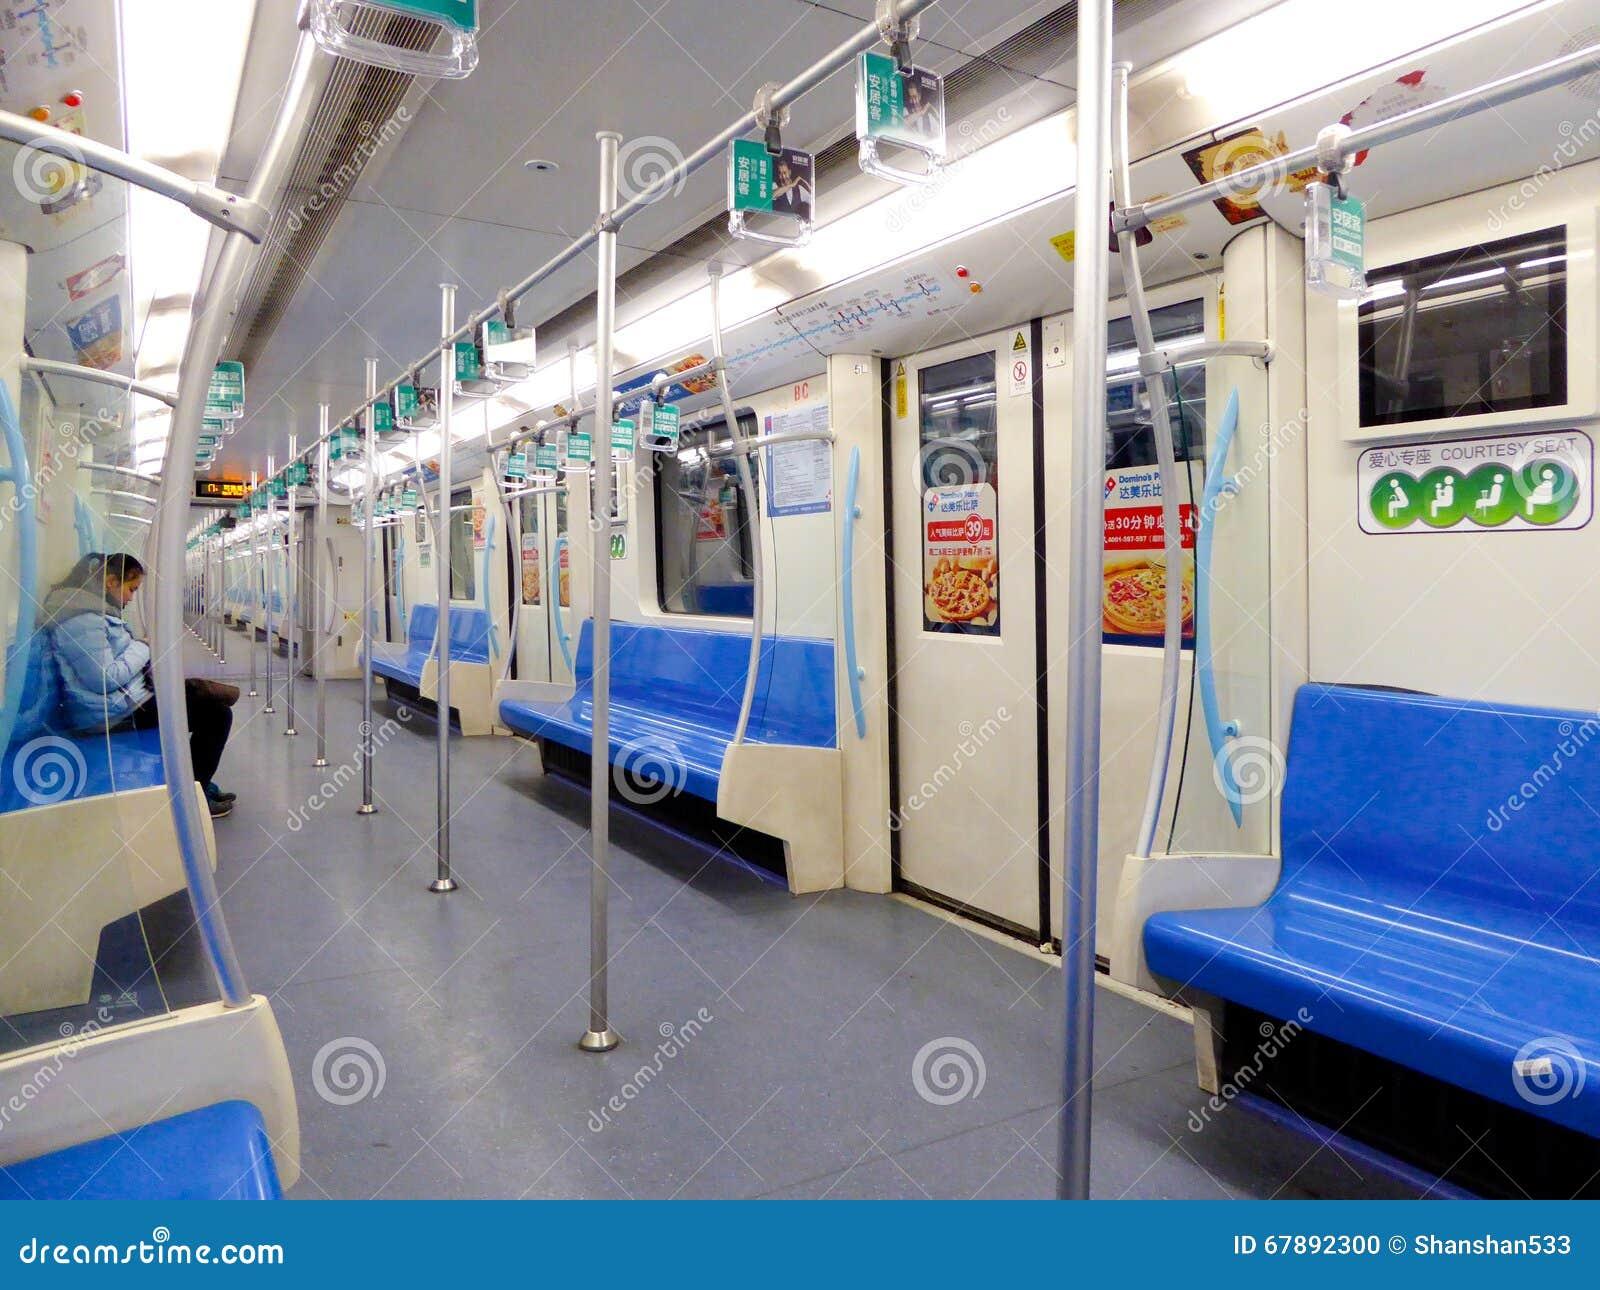 上海地铁内部